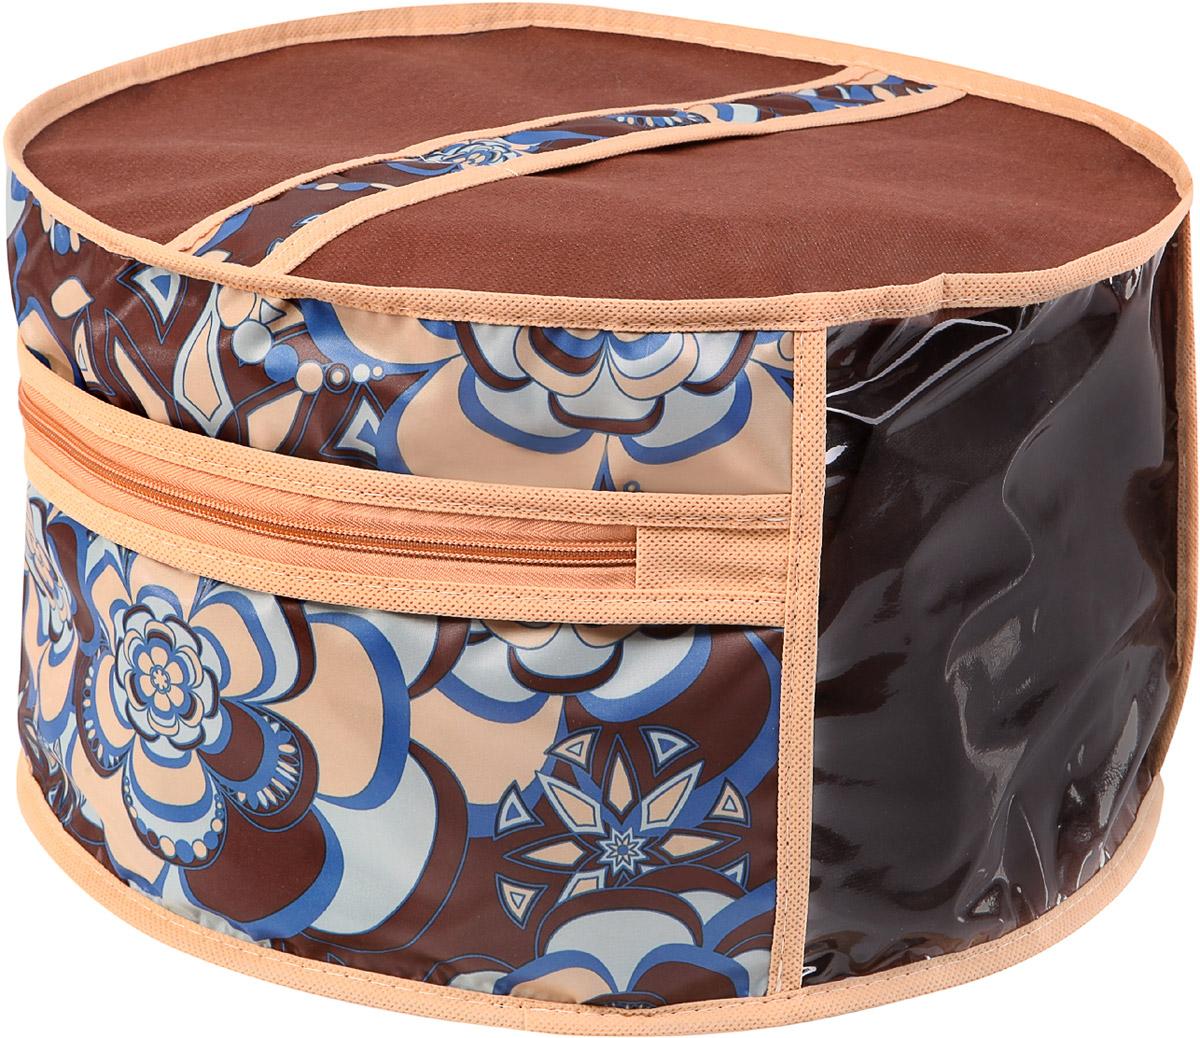 Чехол для шапок Cofret Прованс, диаметр 35 см для шитья головного убора нужна заготовка